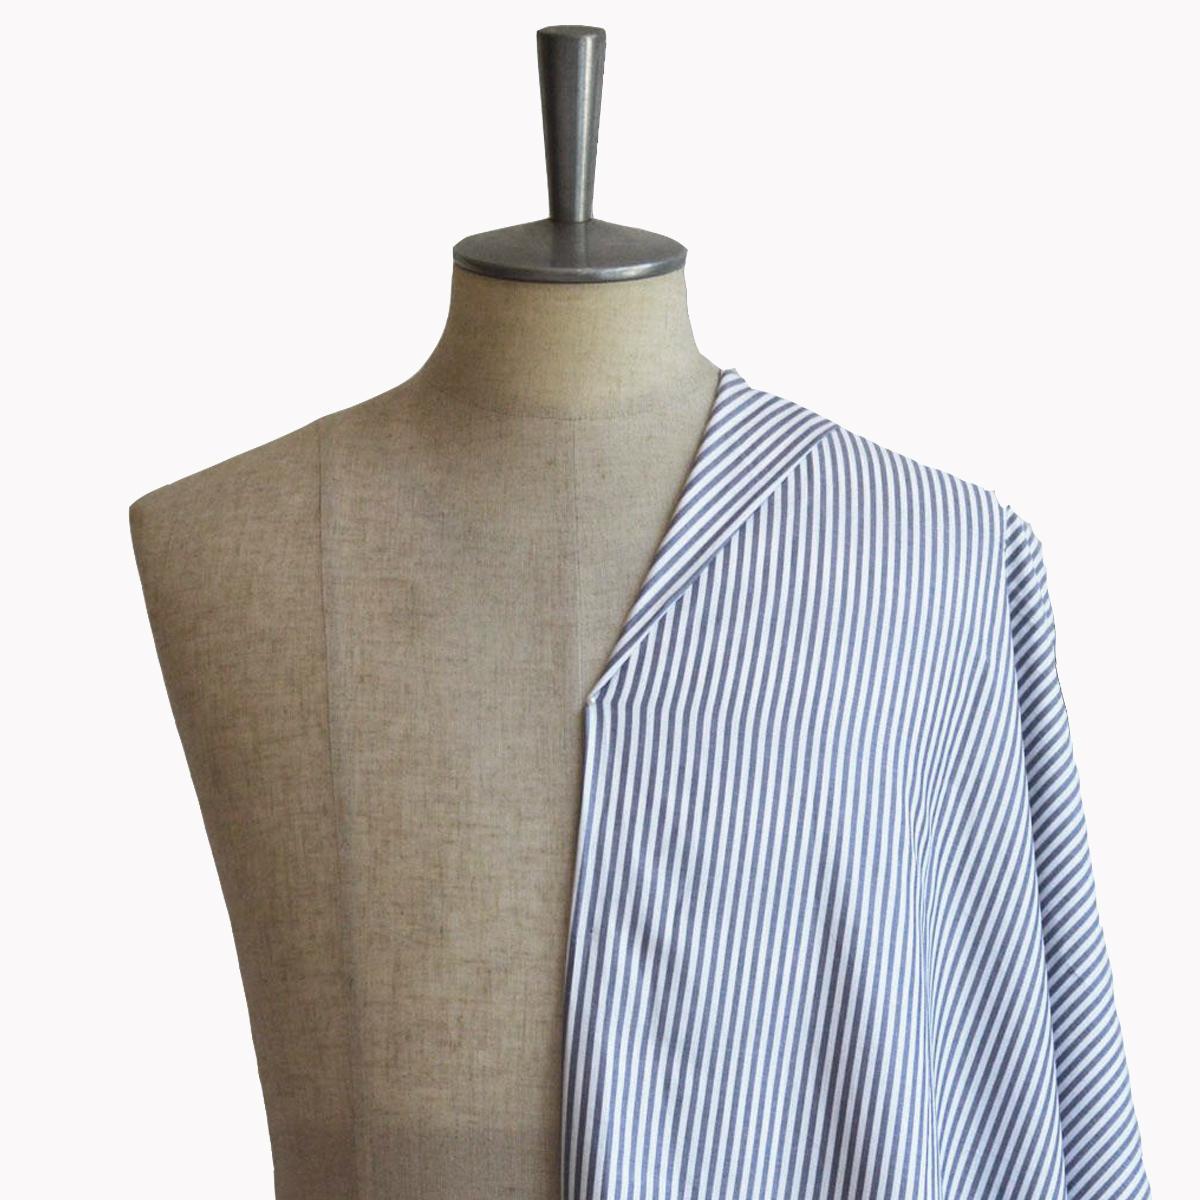 [オーダーシャツ]【Stretch】ストライプ柄が知的な印象、肌ざわり抜群シャツ!